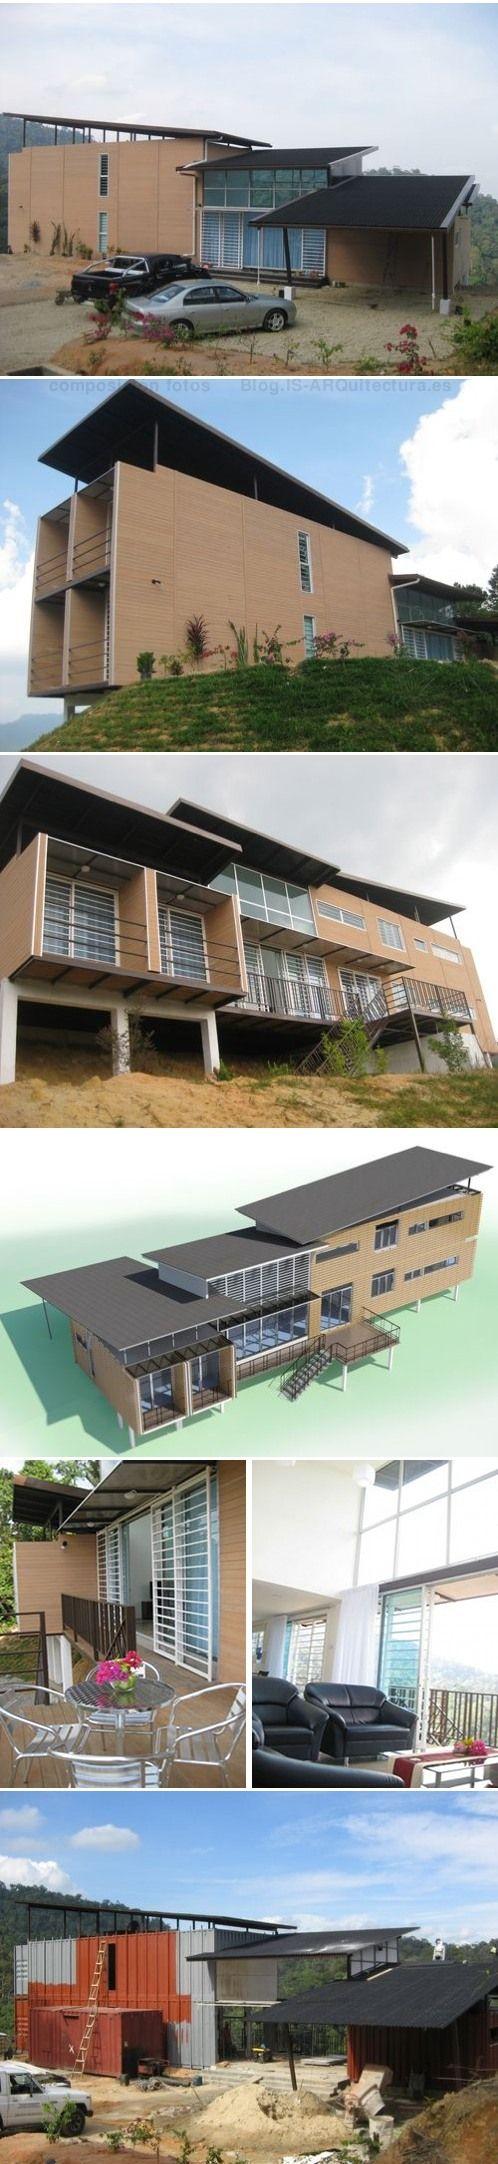 Alte wohnarchitektur  bilder zu casas de contentores  contentorescontainer homes